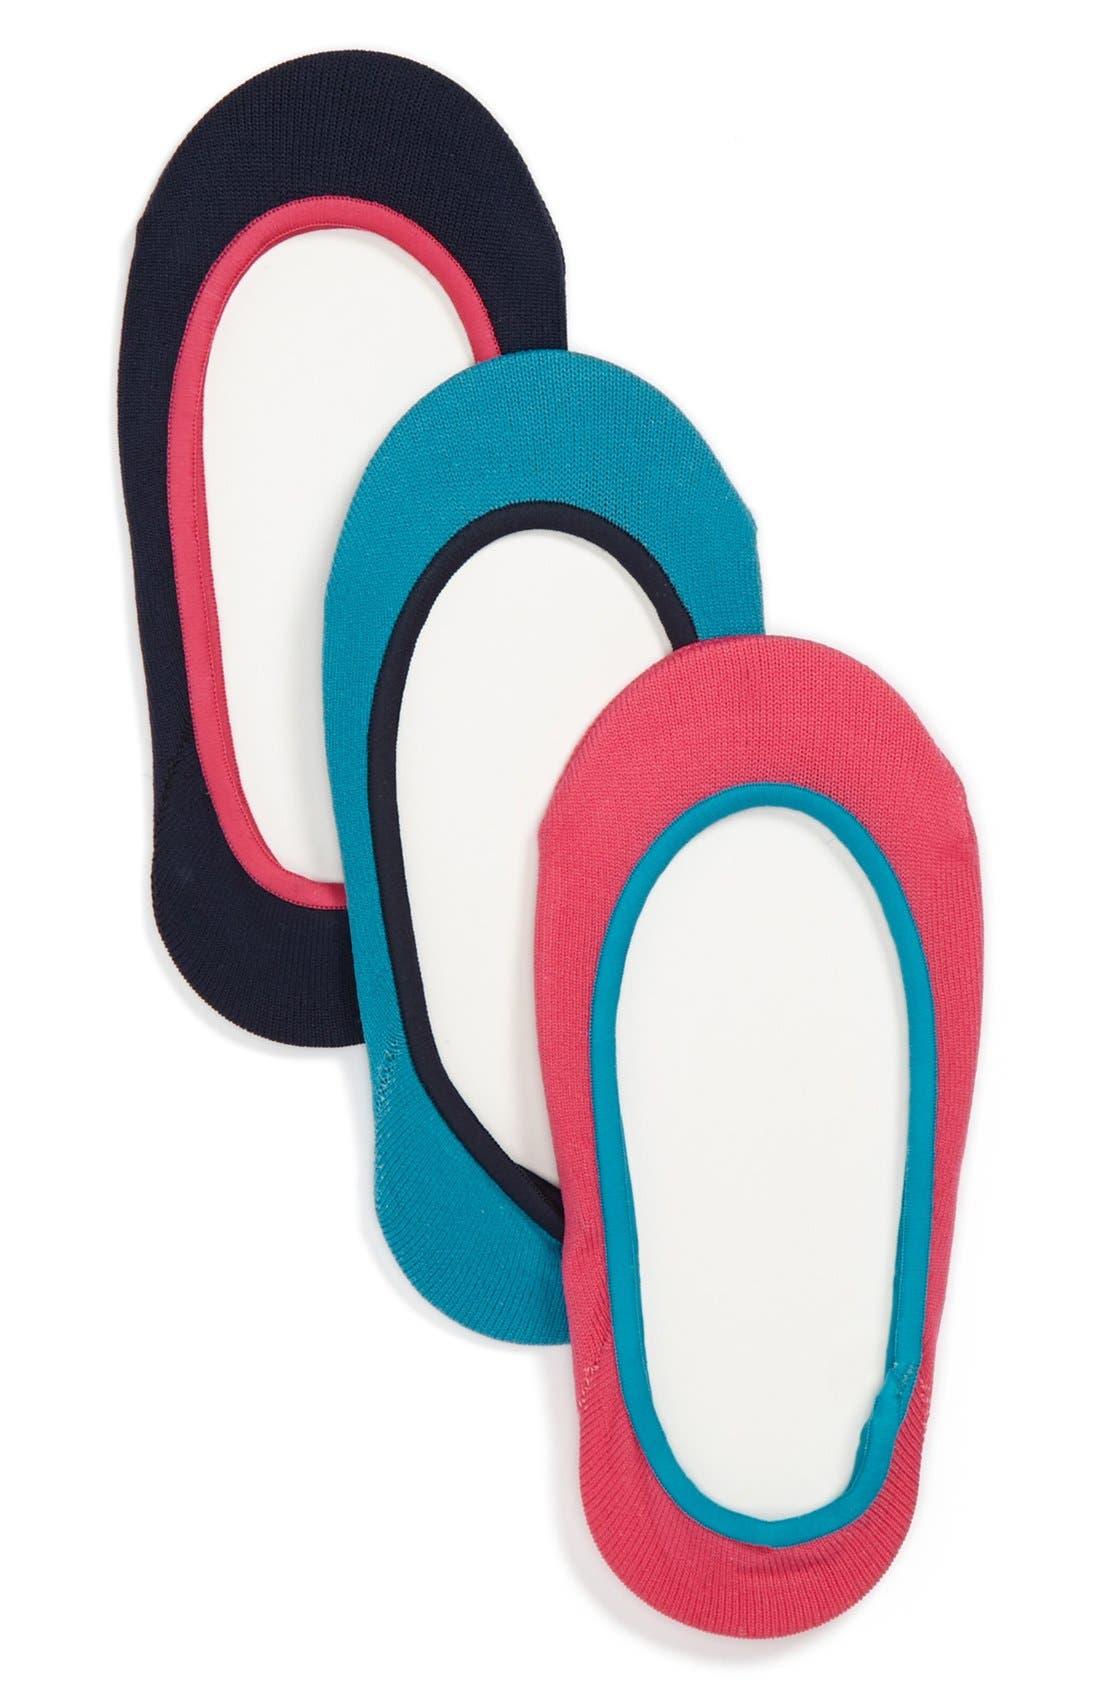 Main Image - Nordstrom Liner Socks (3-Pack) (Toddler & Little Girls)